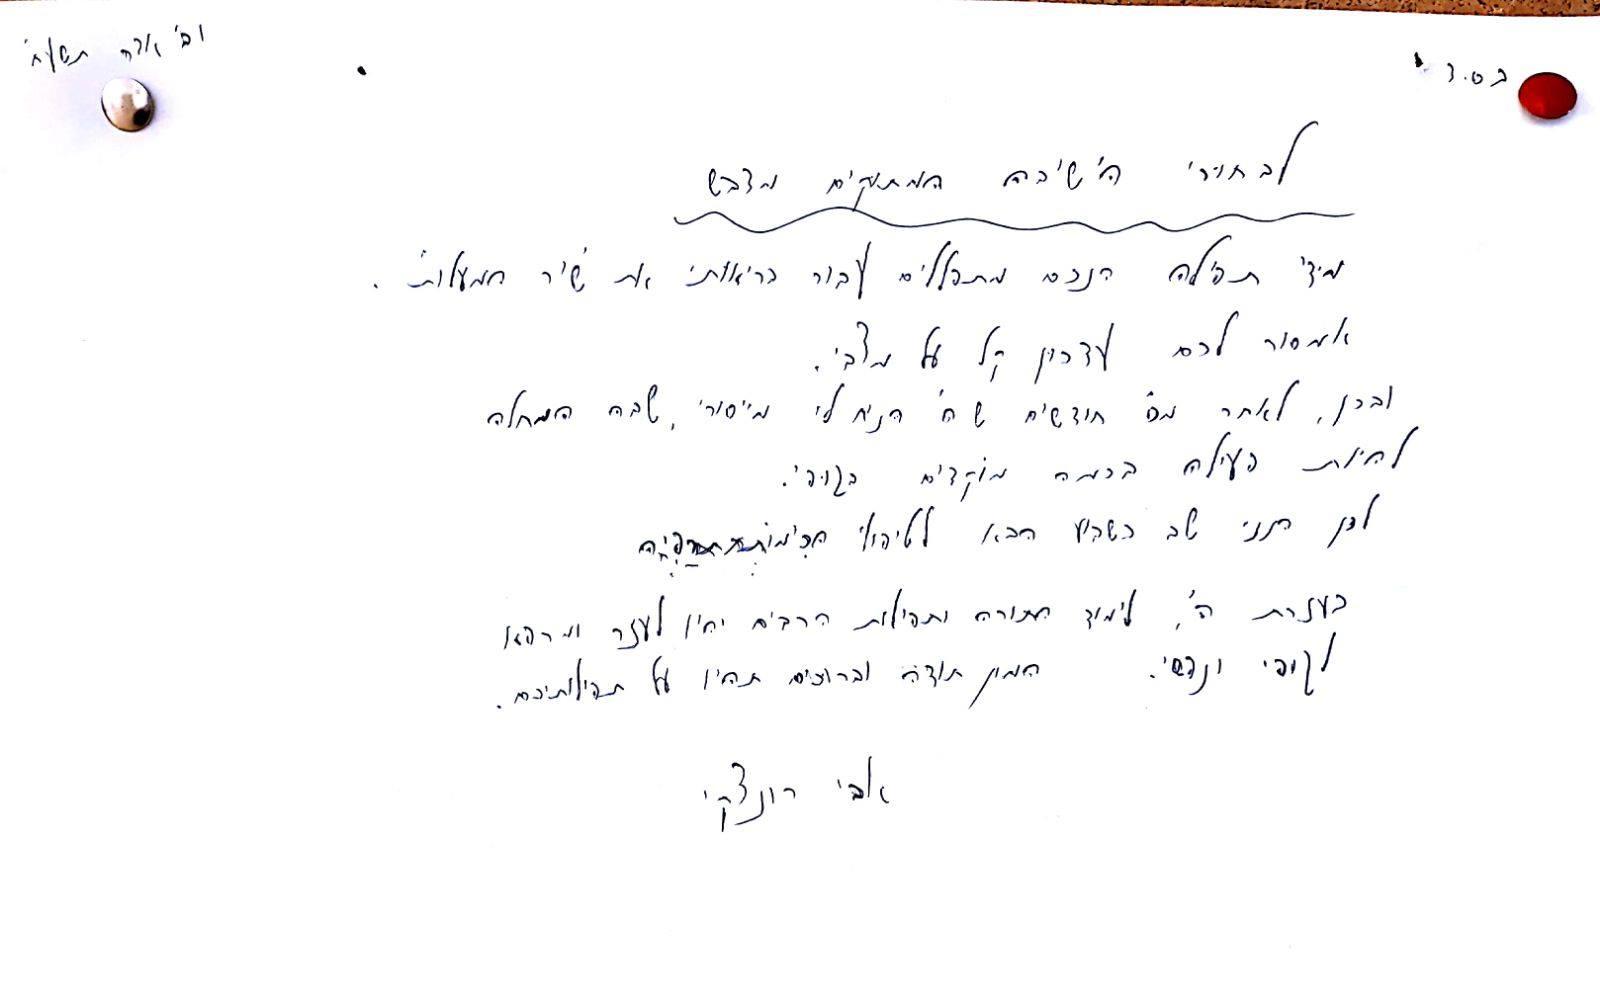 מכתב מהרב רונצקי. התפללו לרפואת הרב אביחי ניסן בן חיה, בתוך שאר חולי ישראל.